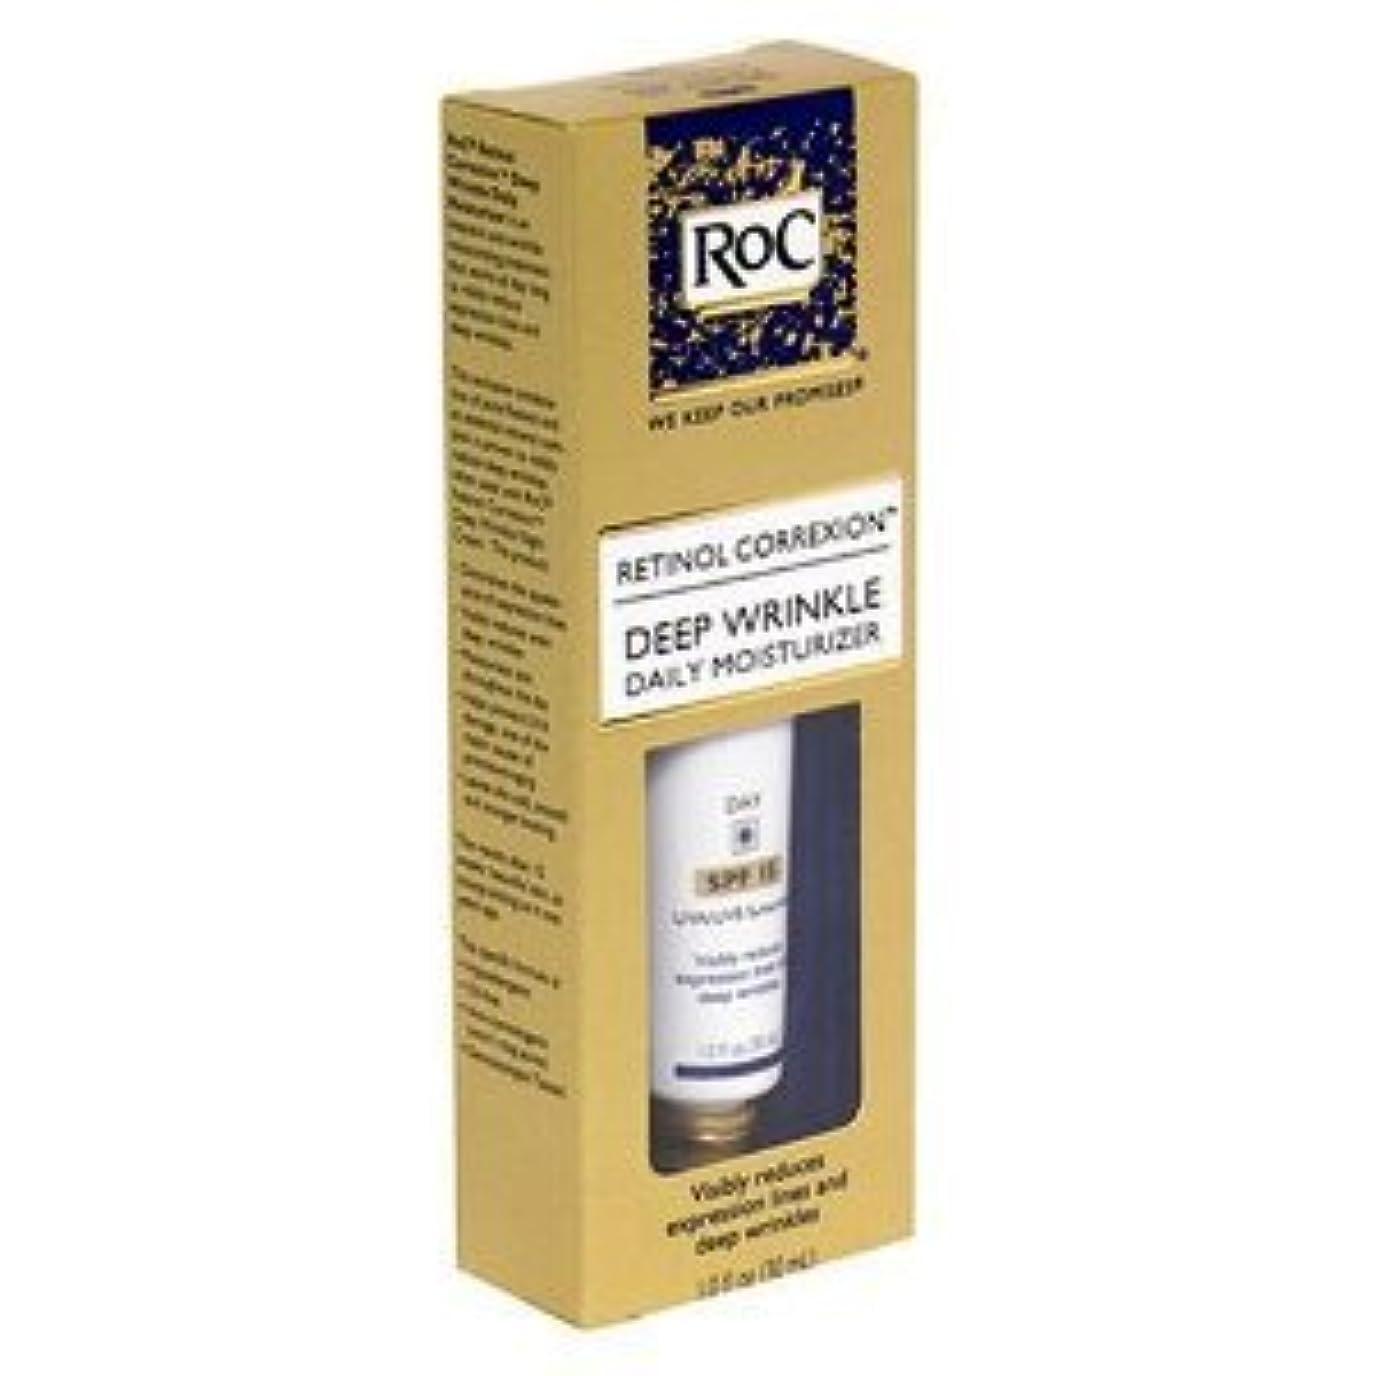 感謝バルク横たわるRoC レチノール コレクシオン ディープリンクルモイスチャライザー 昼用 30ml 海外直送品